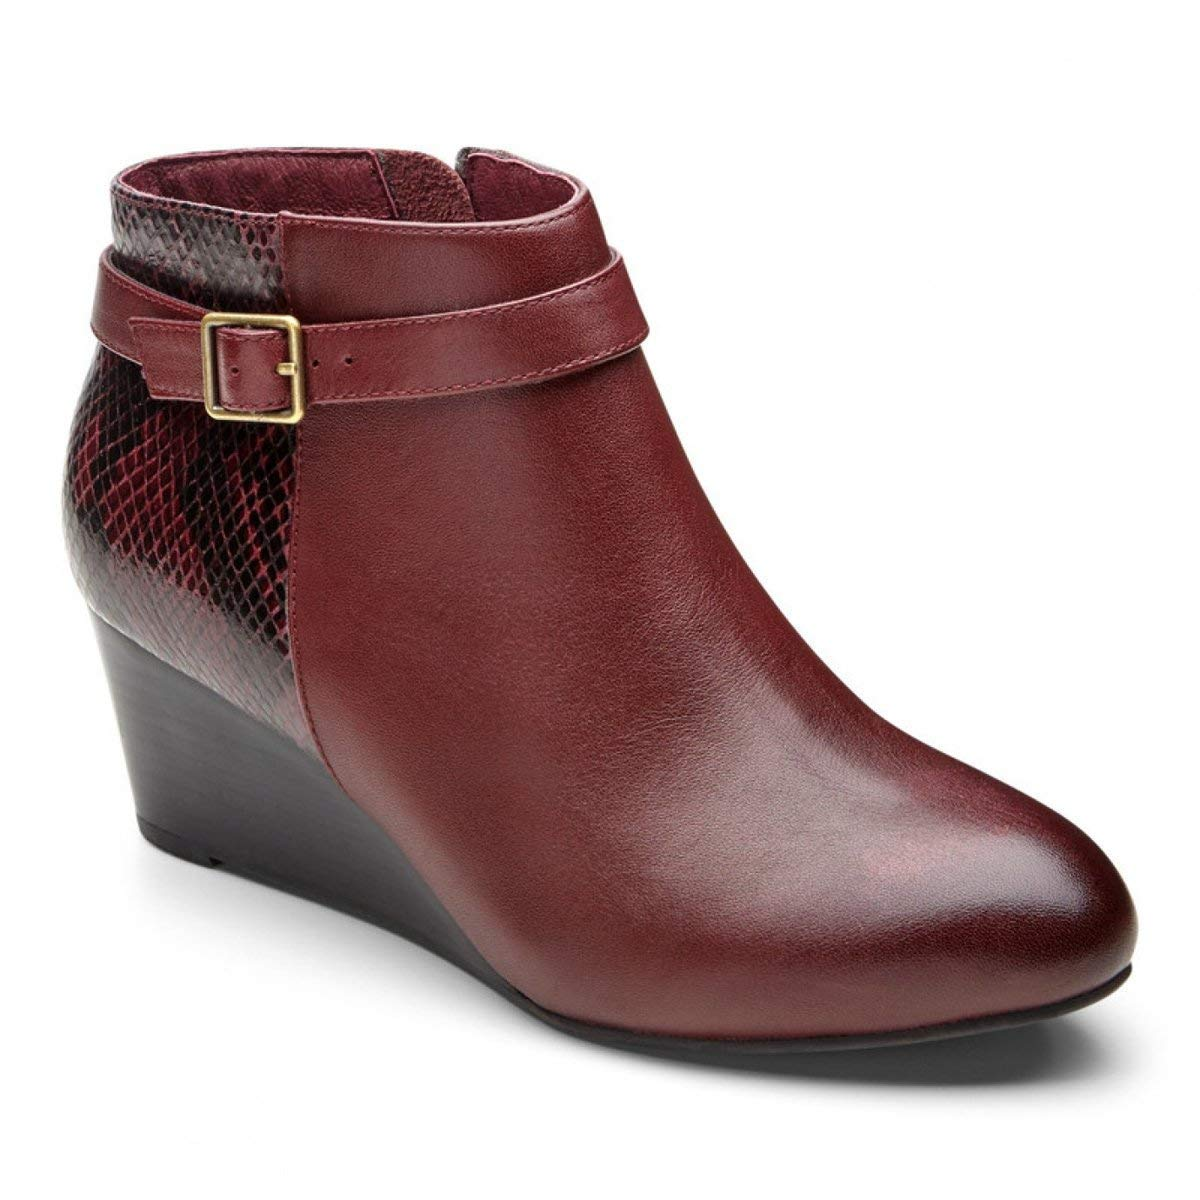 VIONIC, Damen Stiefel Stiefel Stiefel & Stiefeletten Grau Grau 38 EU M Damen 97828d